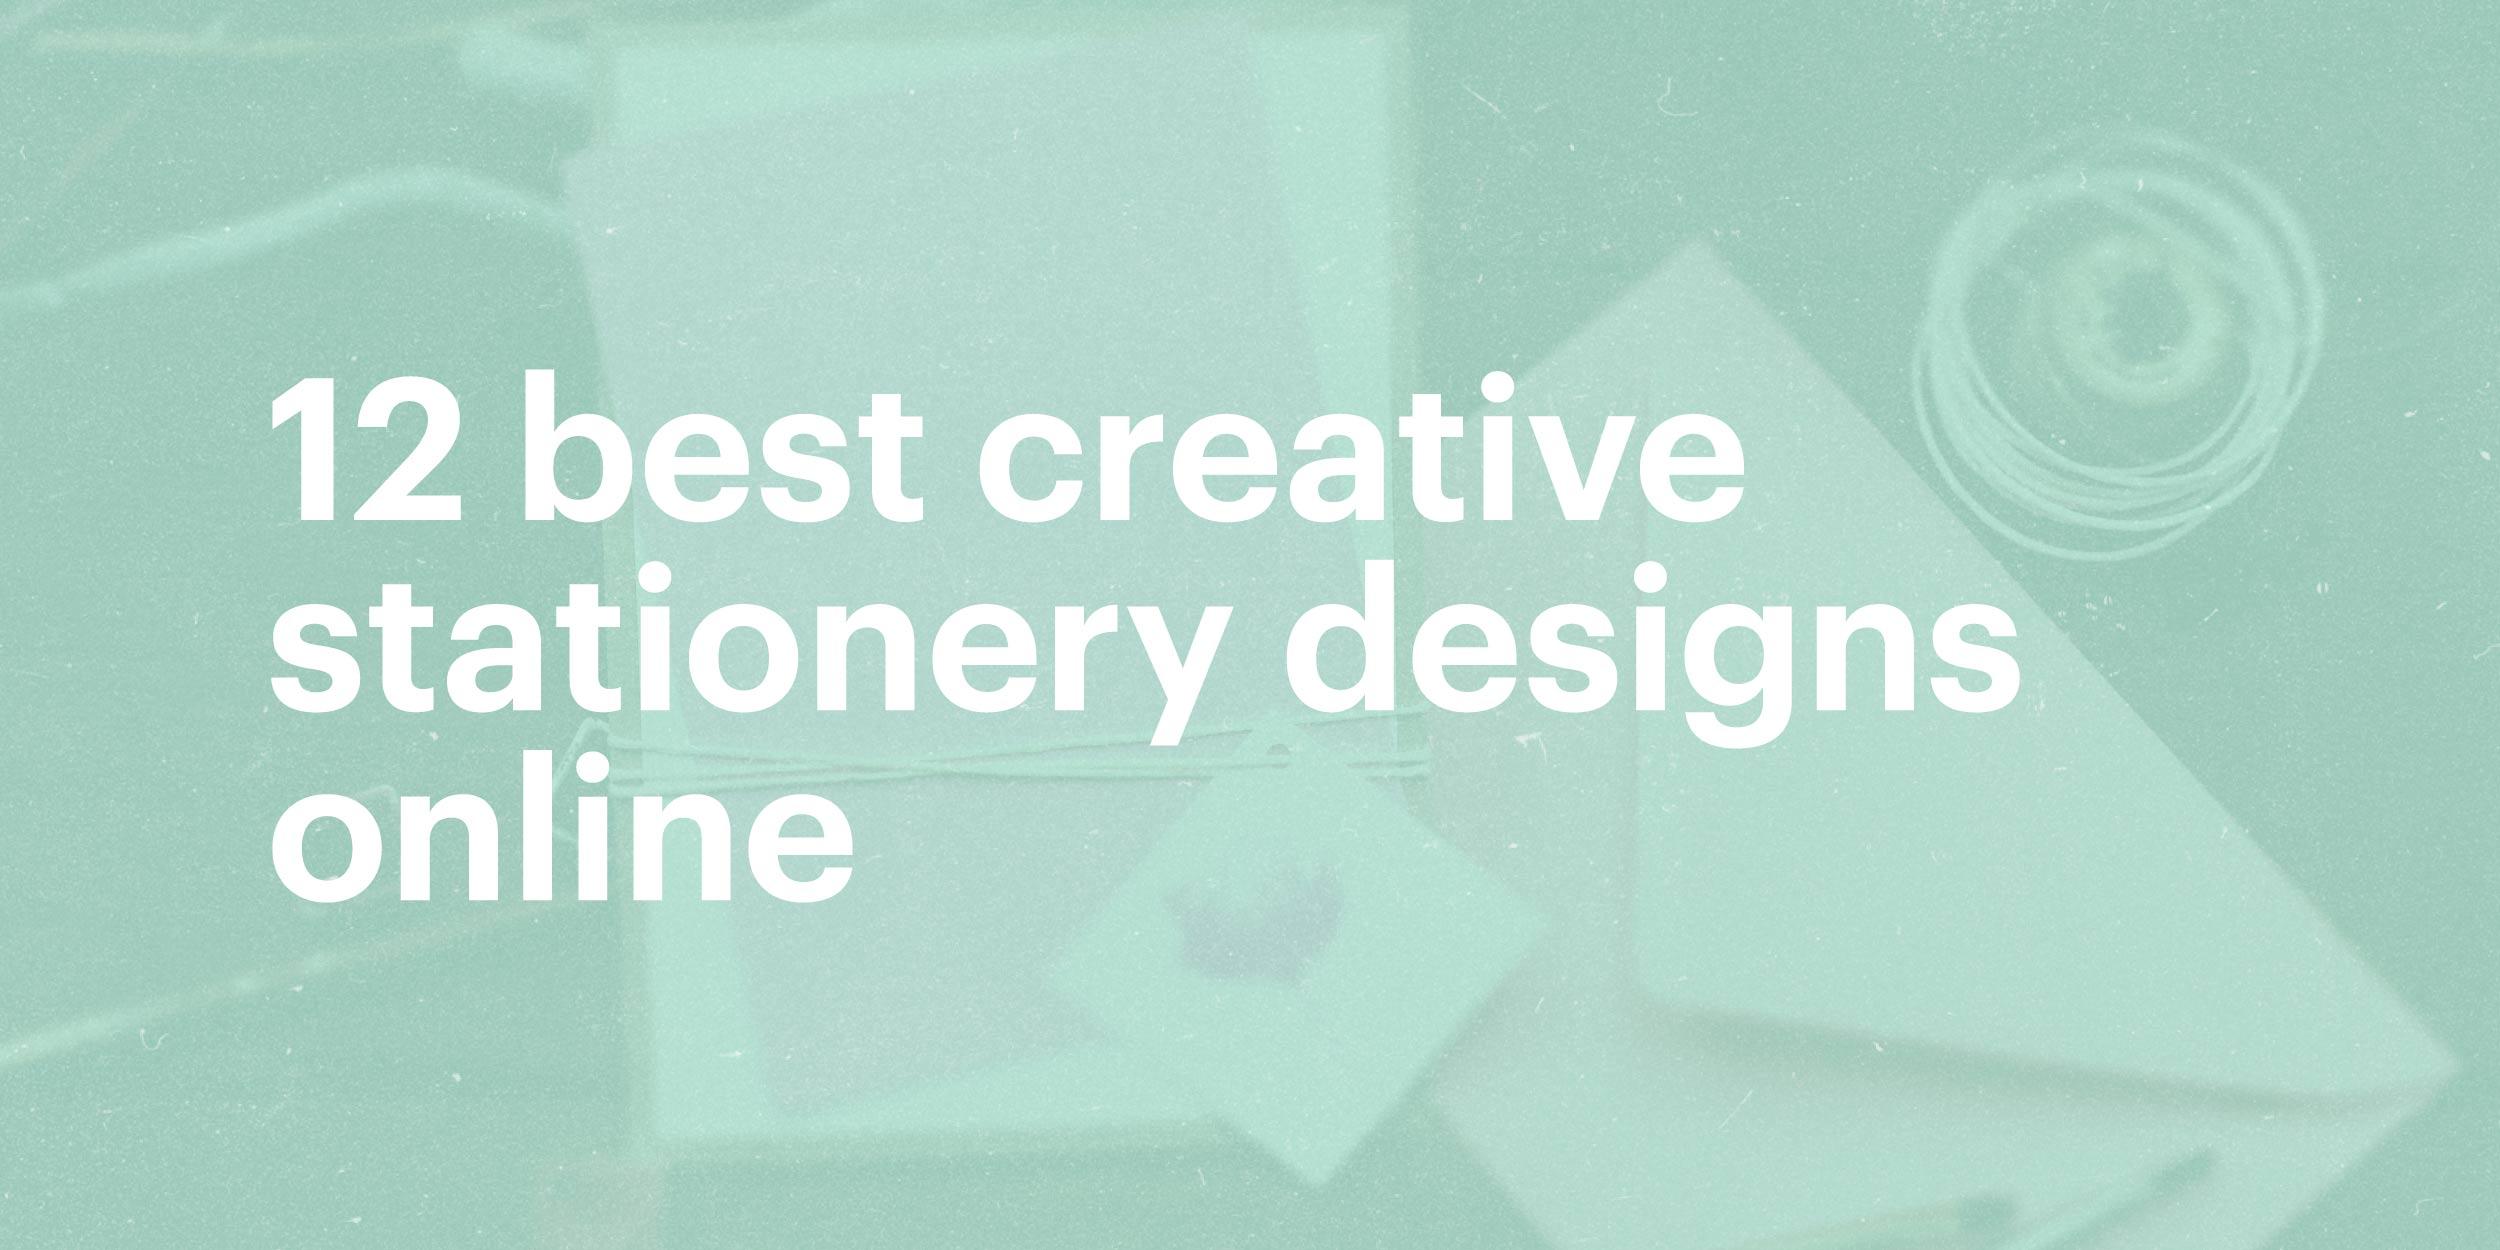 12 best creative stationery designs online